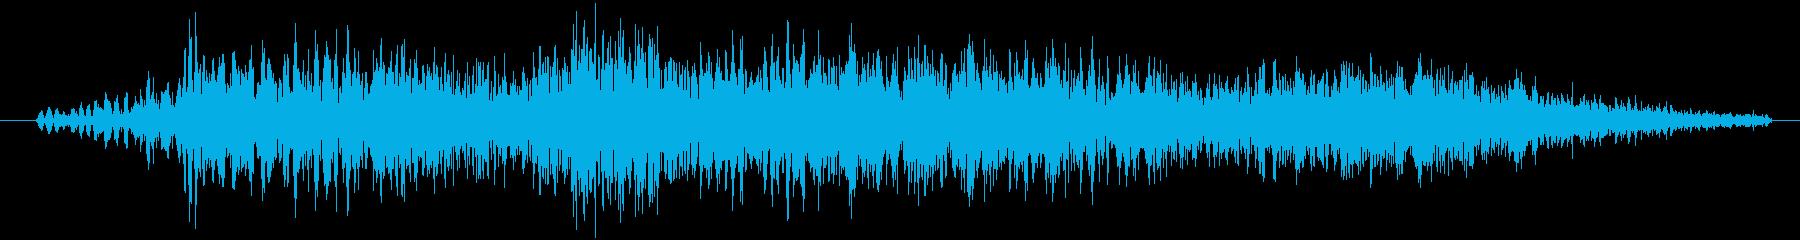 スピードアップアイテム取得の再生済みの波形